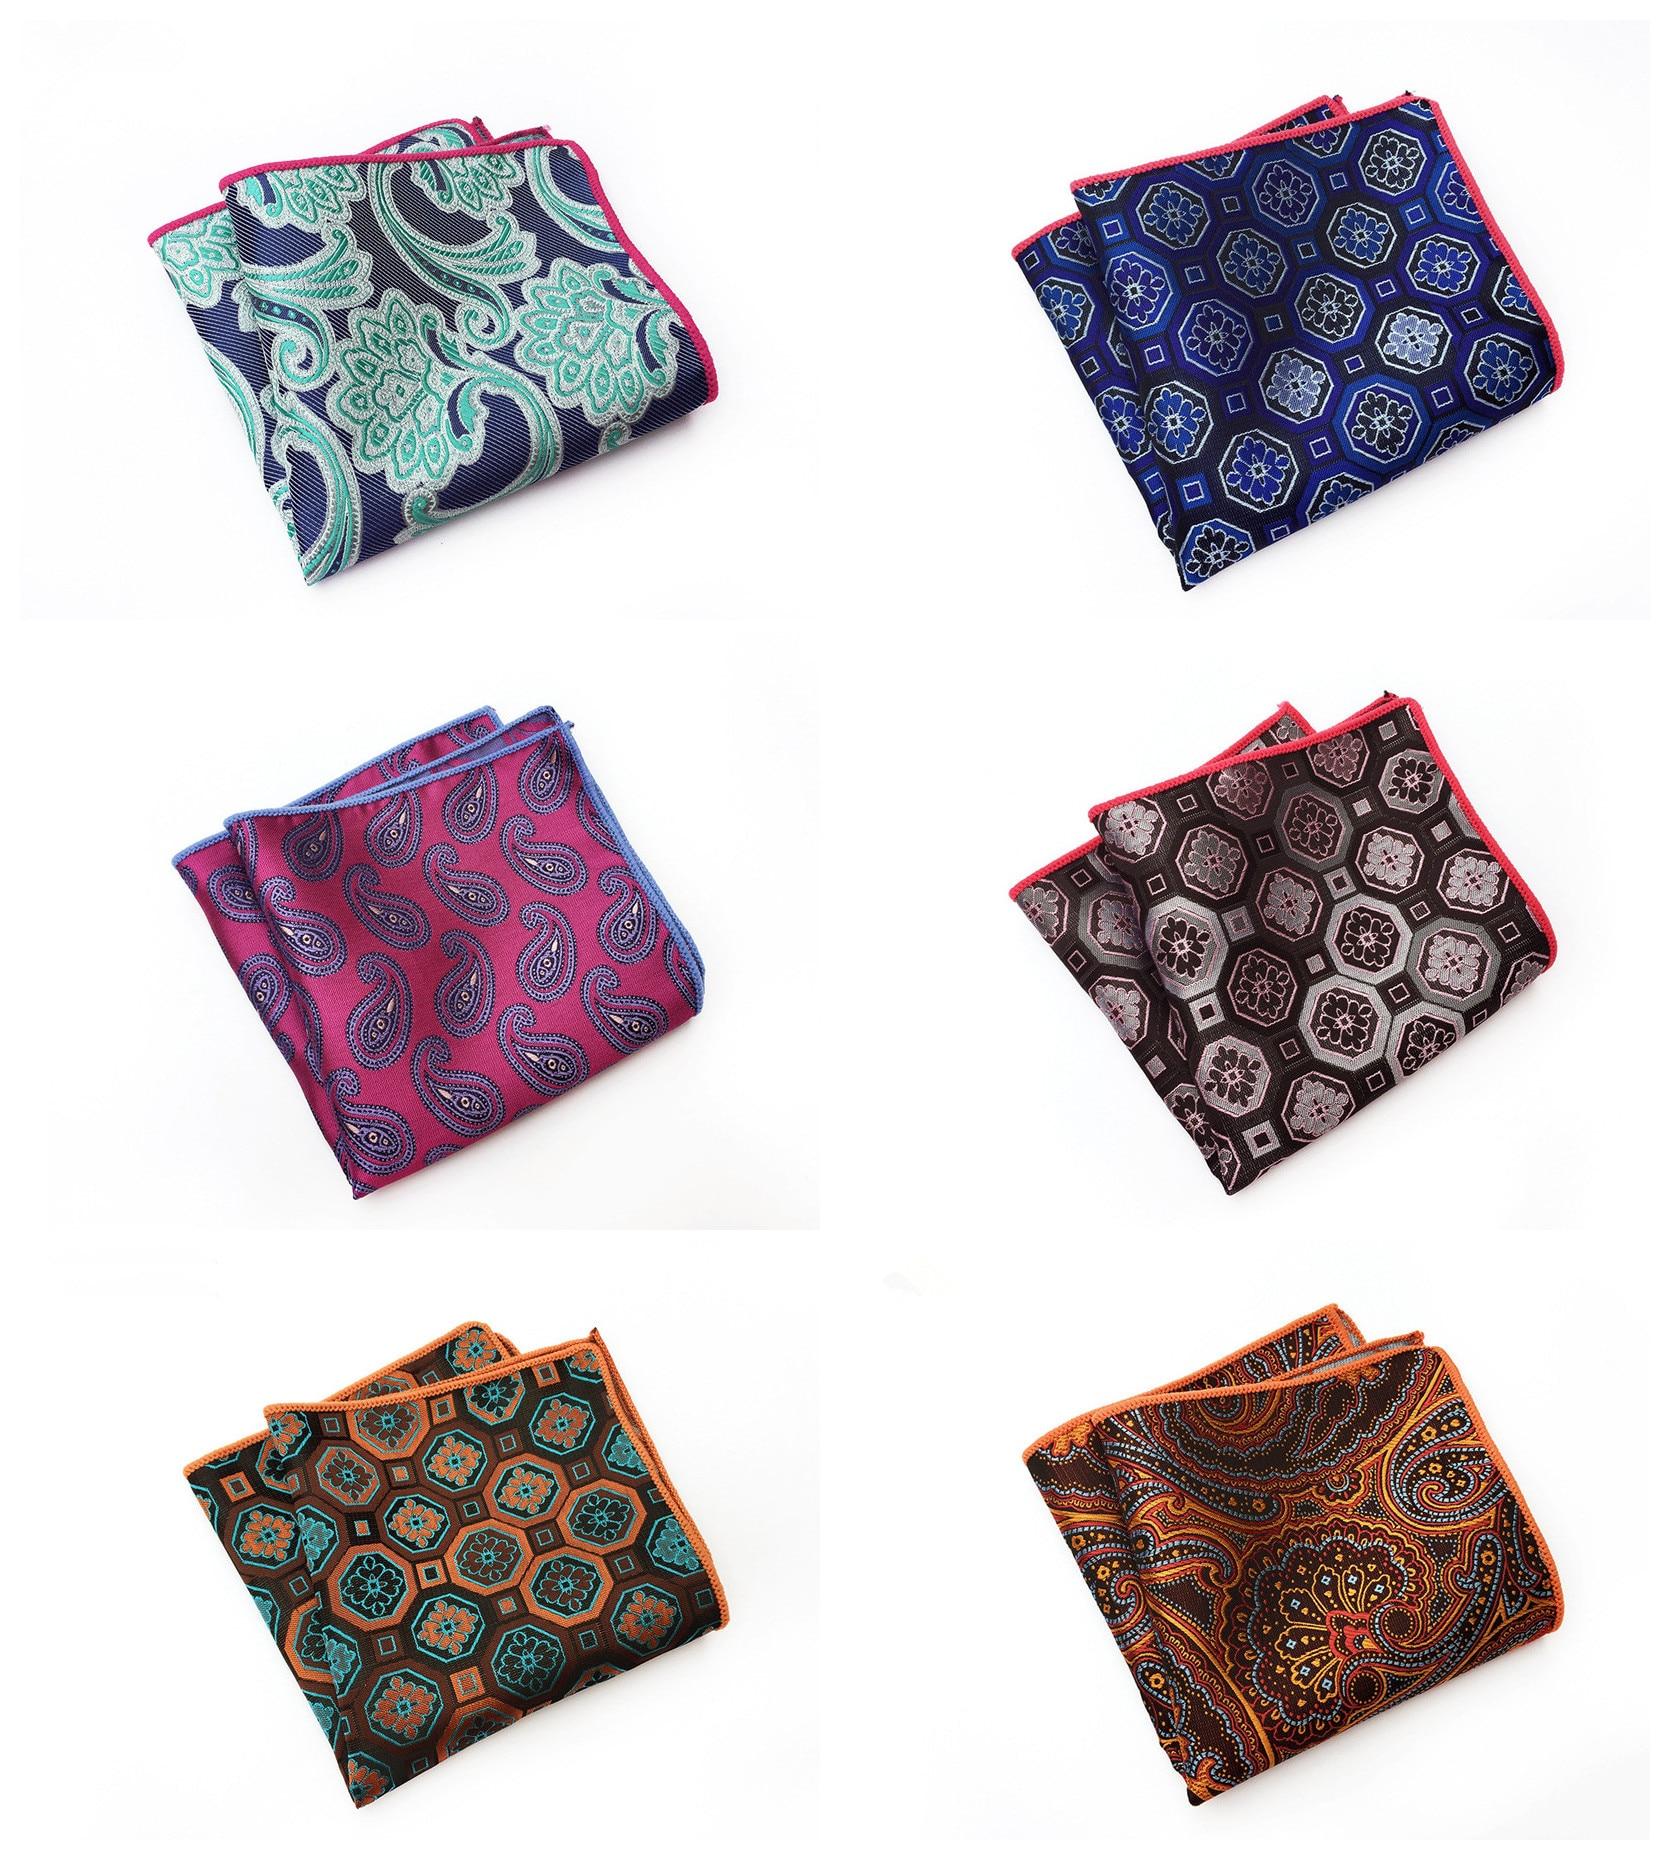 2020 Fashion Explosion Business Suit Dress Pocket Towel 9 Color Combination Unique Design Quality Paisley Polyester Pocket Towel